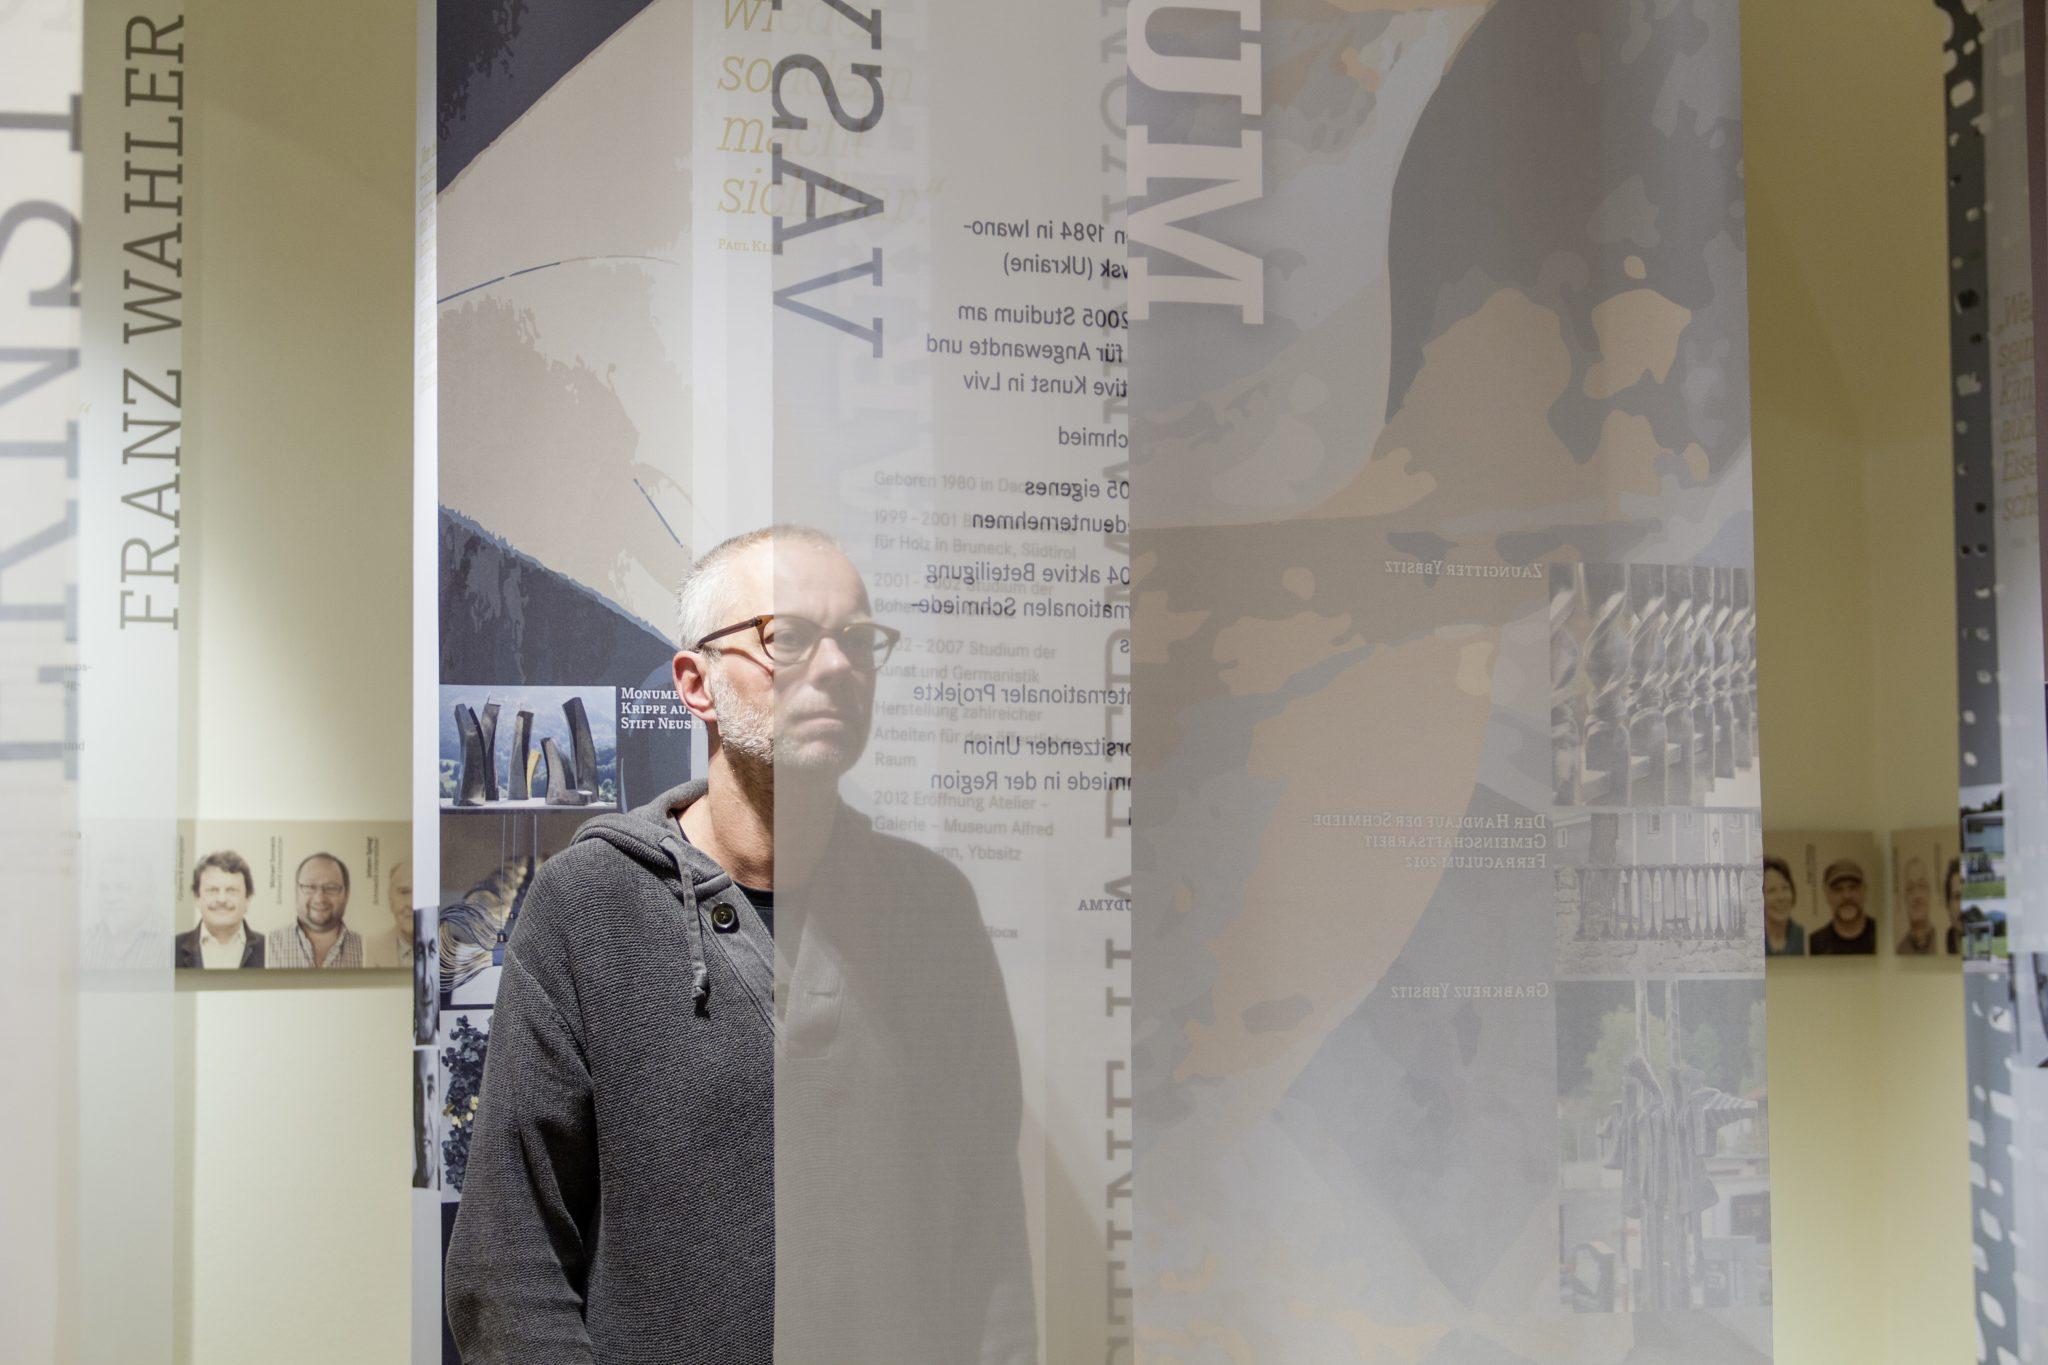 Ausstellung kr Welser